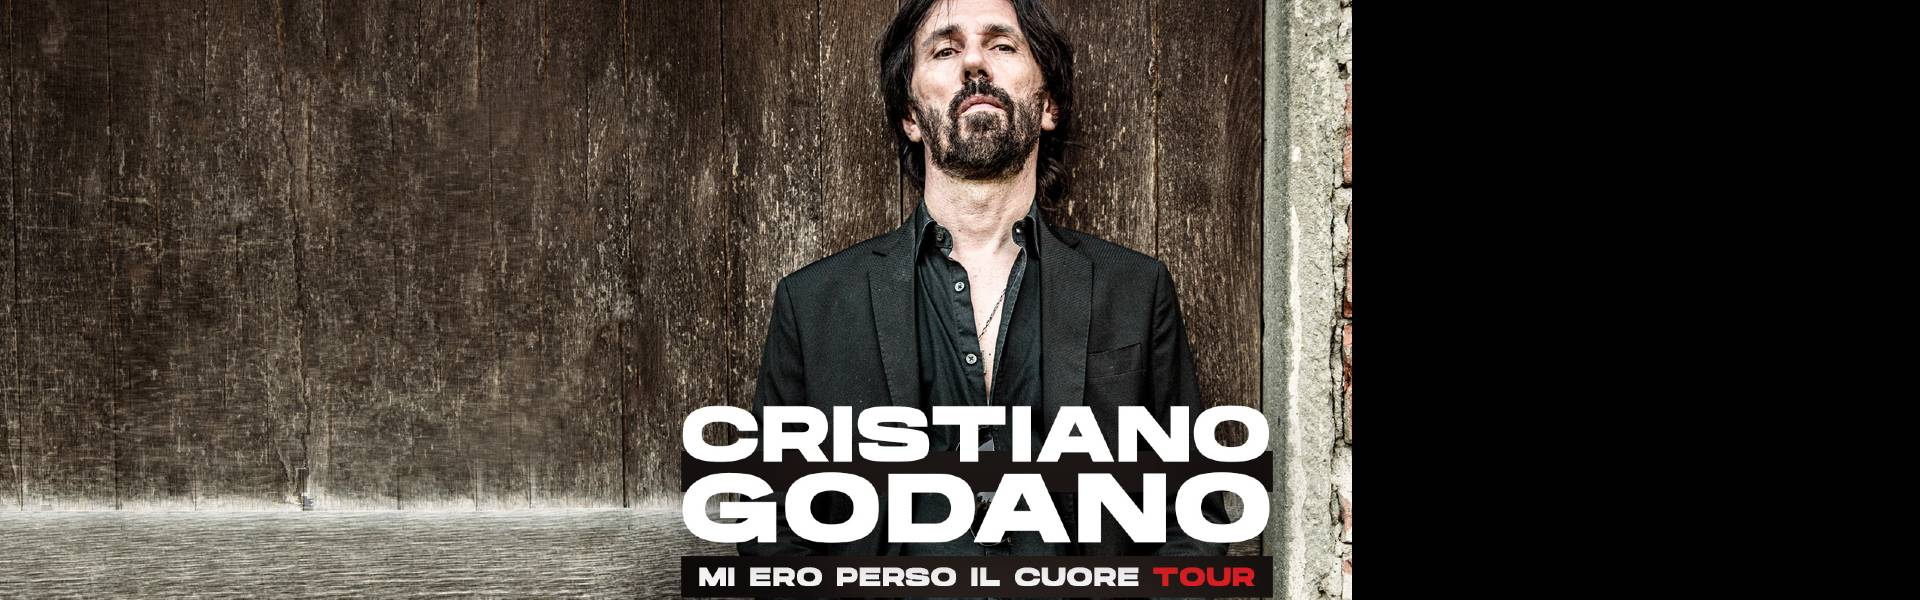 CRISTIANO GODANO LATTERIA MOLLOY Brescia 11 dicembre 2020 biglietti MAILTICKET